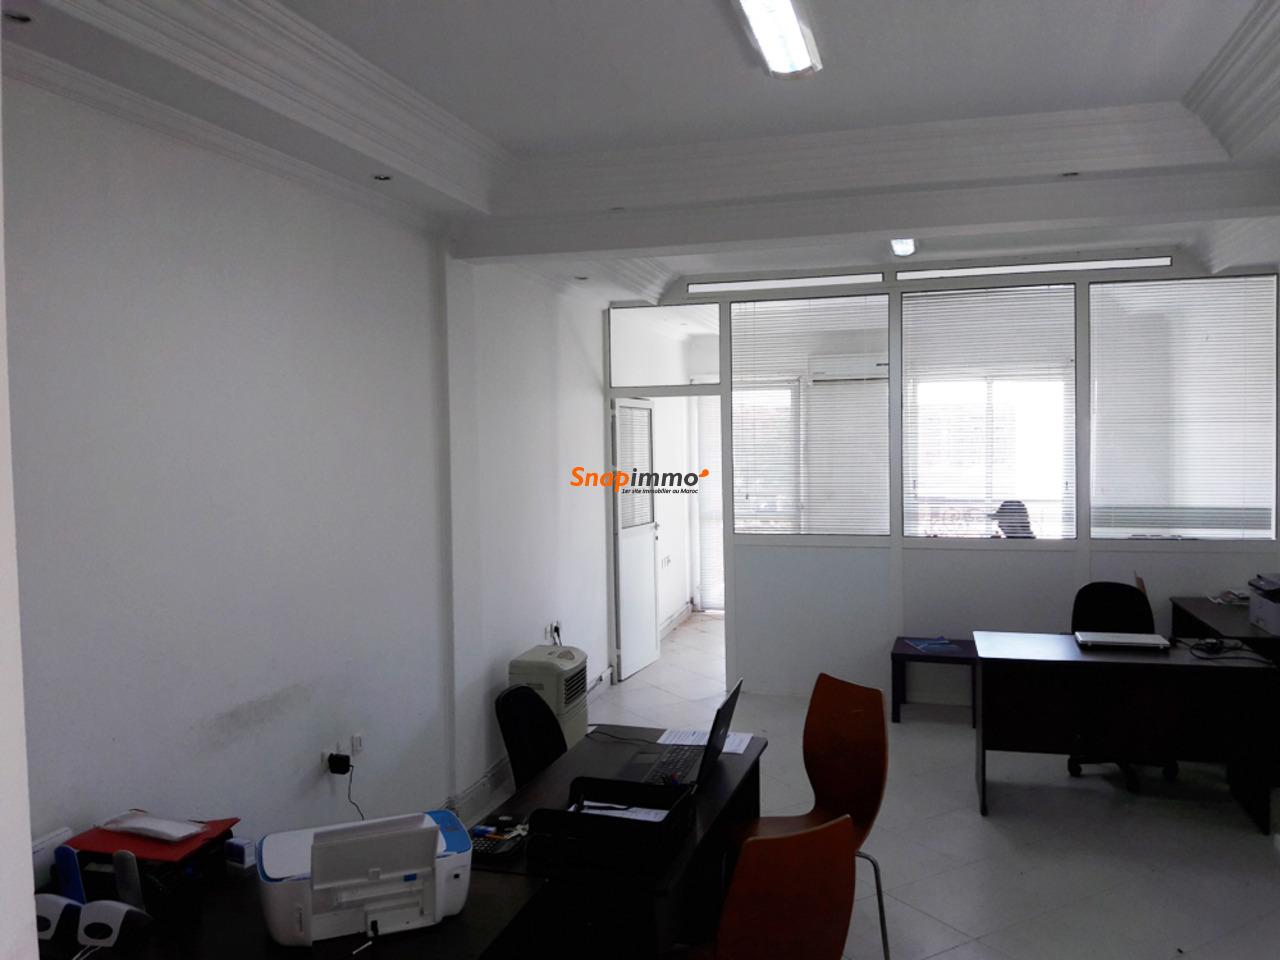 Affaire agence immobilière site web et bureau - 2/3